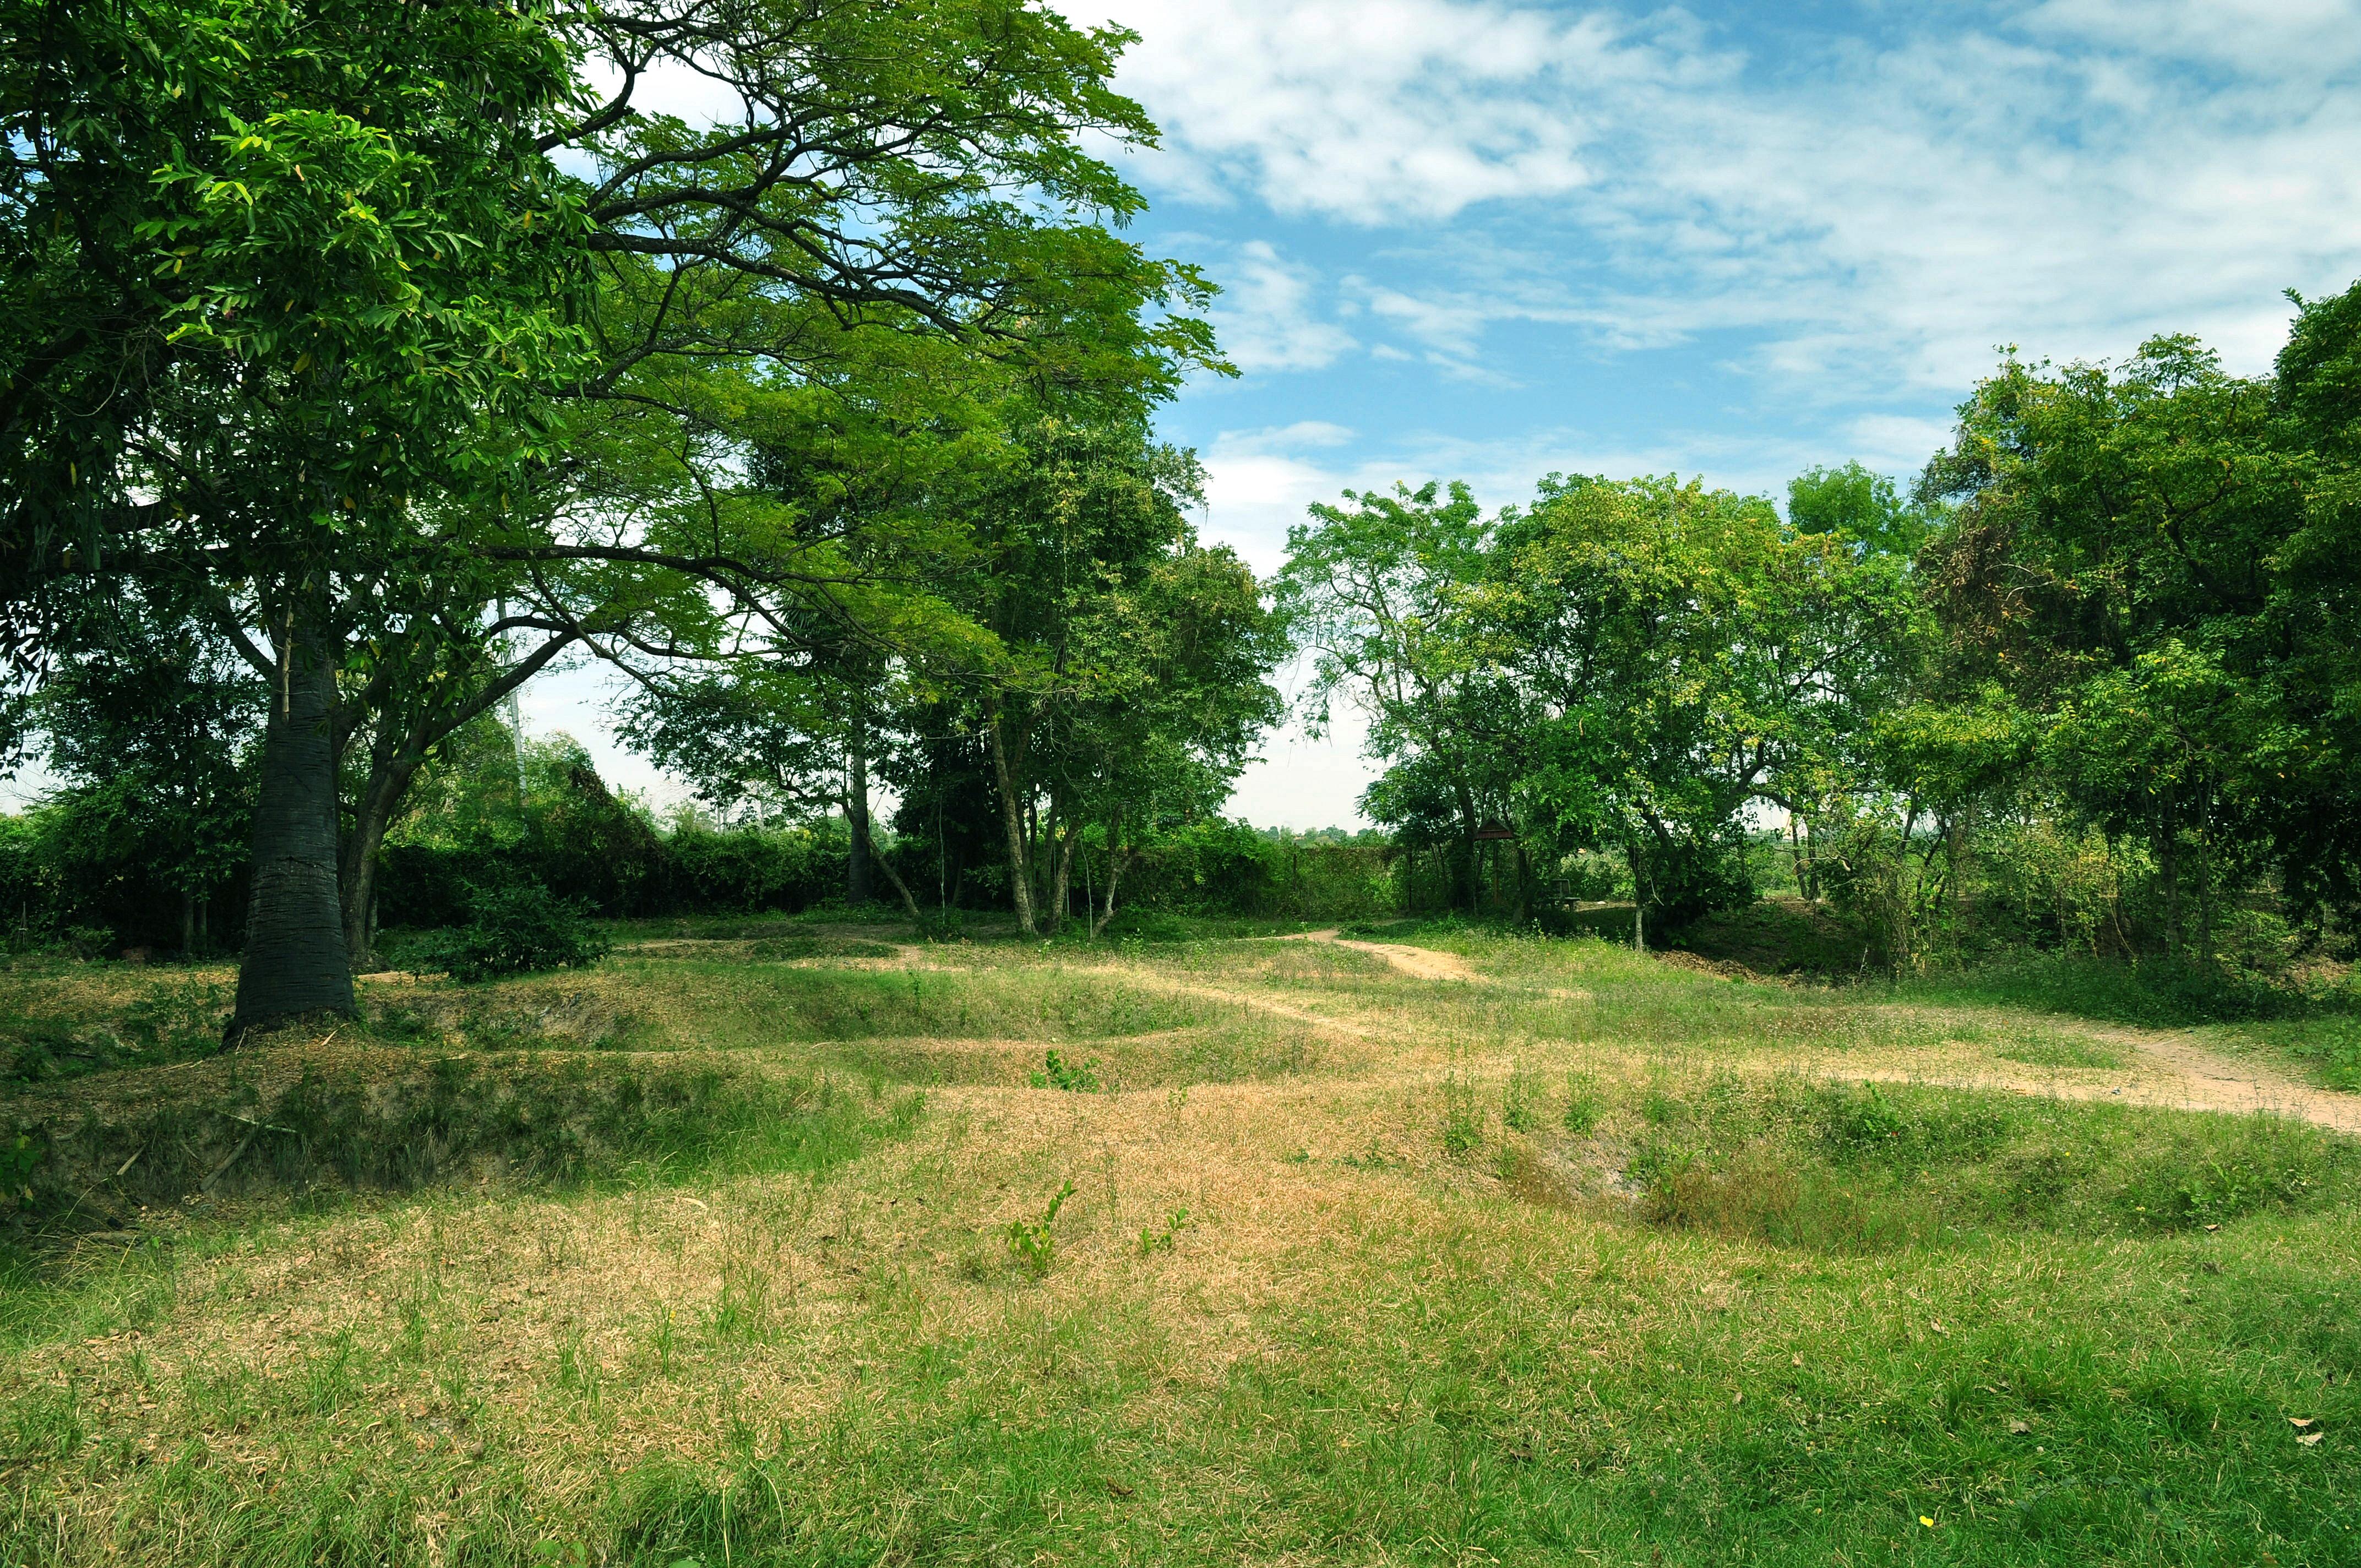 Meadow Trees Sky Landscape Wallpaper 4288x2848 182277